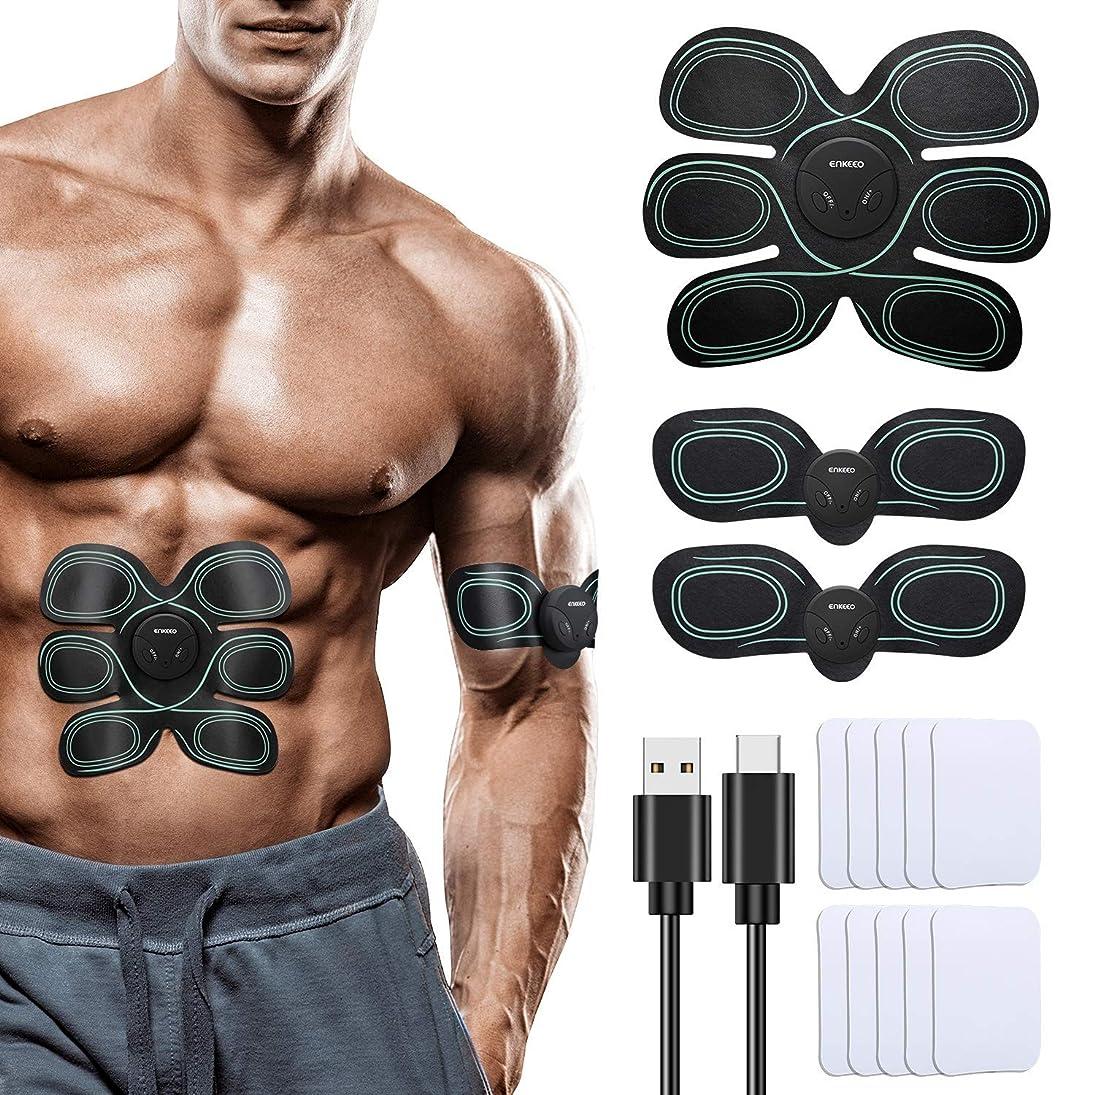 安価なぬるいゆるくGWM マッスル刺激マッサージャー、EMS ABSトレーナー、腹部筋肉トナーベルトセット、USB充電式フィットネストレーニングアームの脚腹部背中ウエストエクササイズマシン、ユニセックス8モード